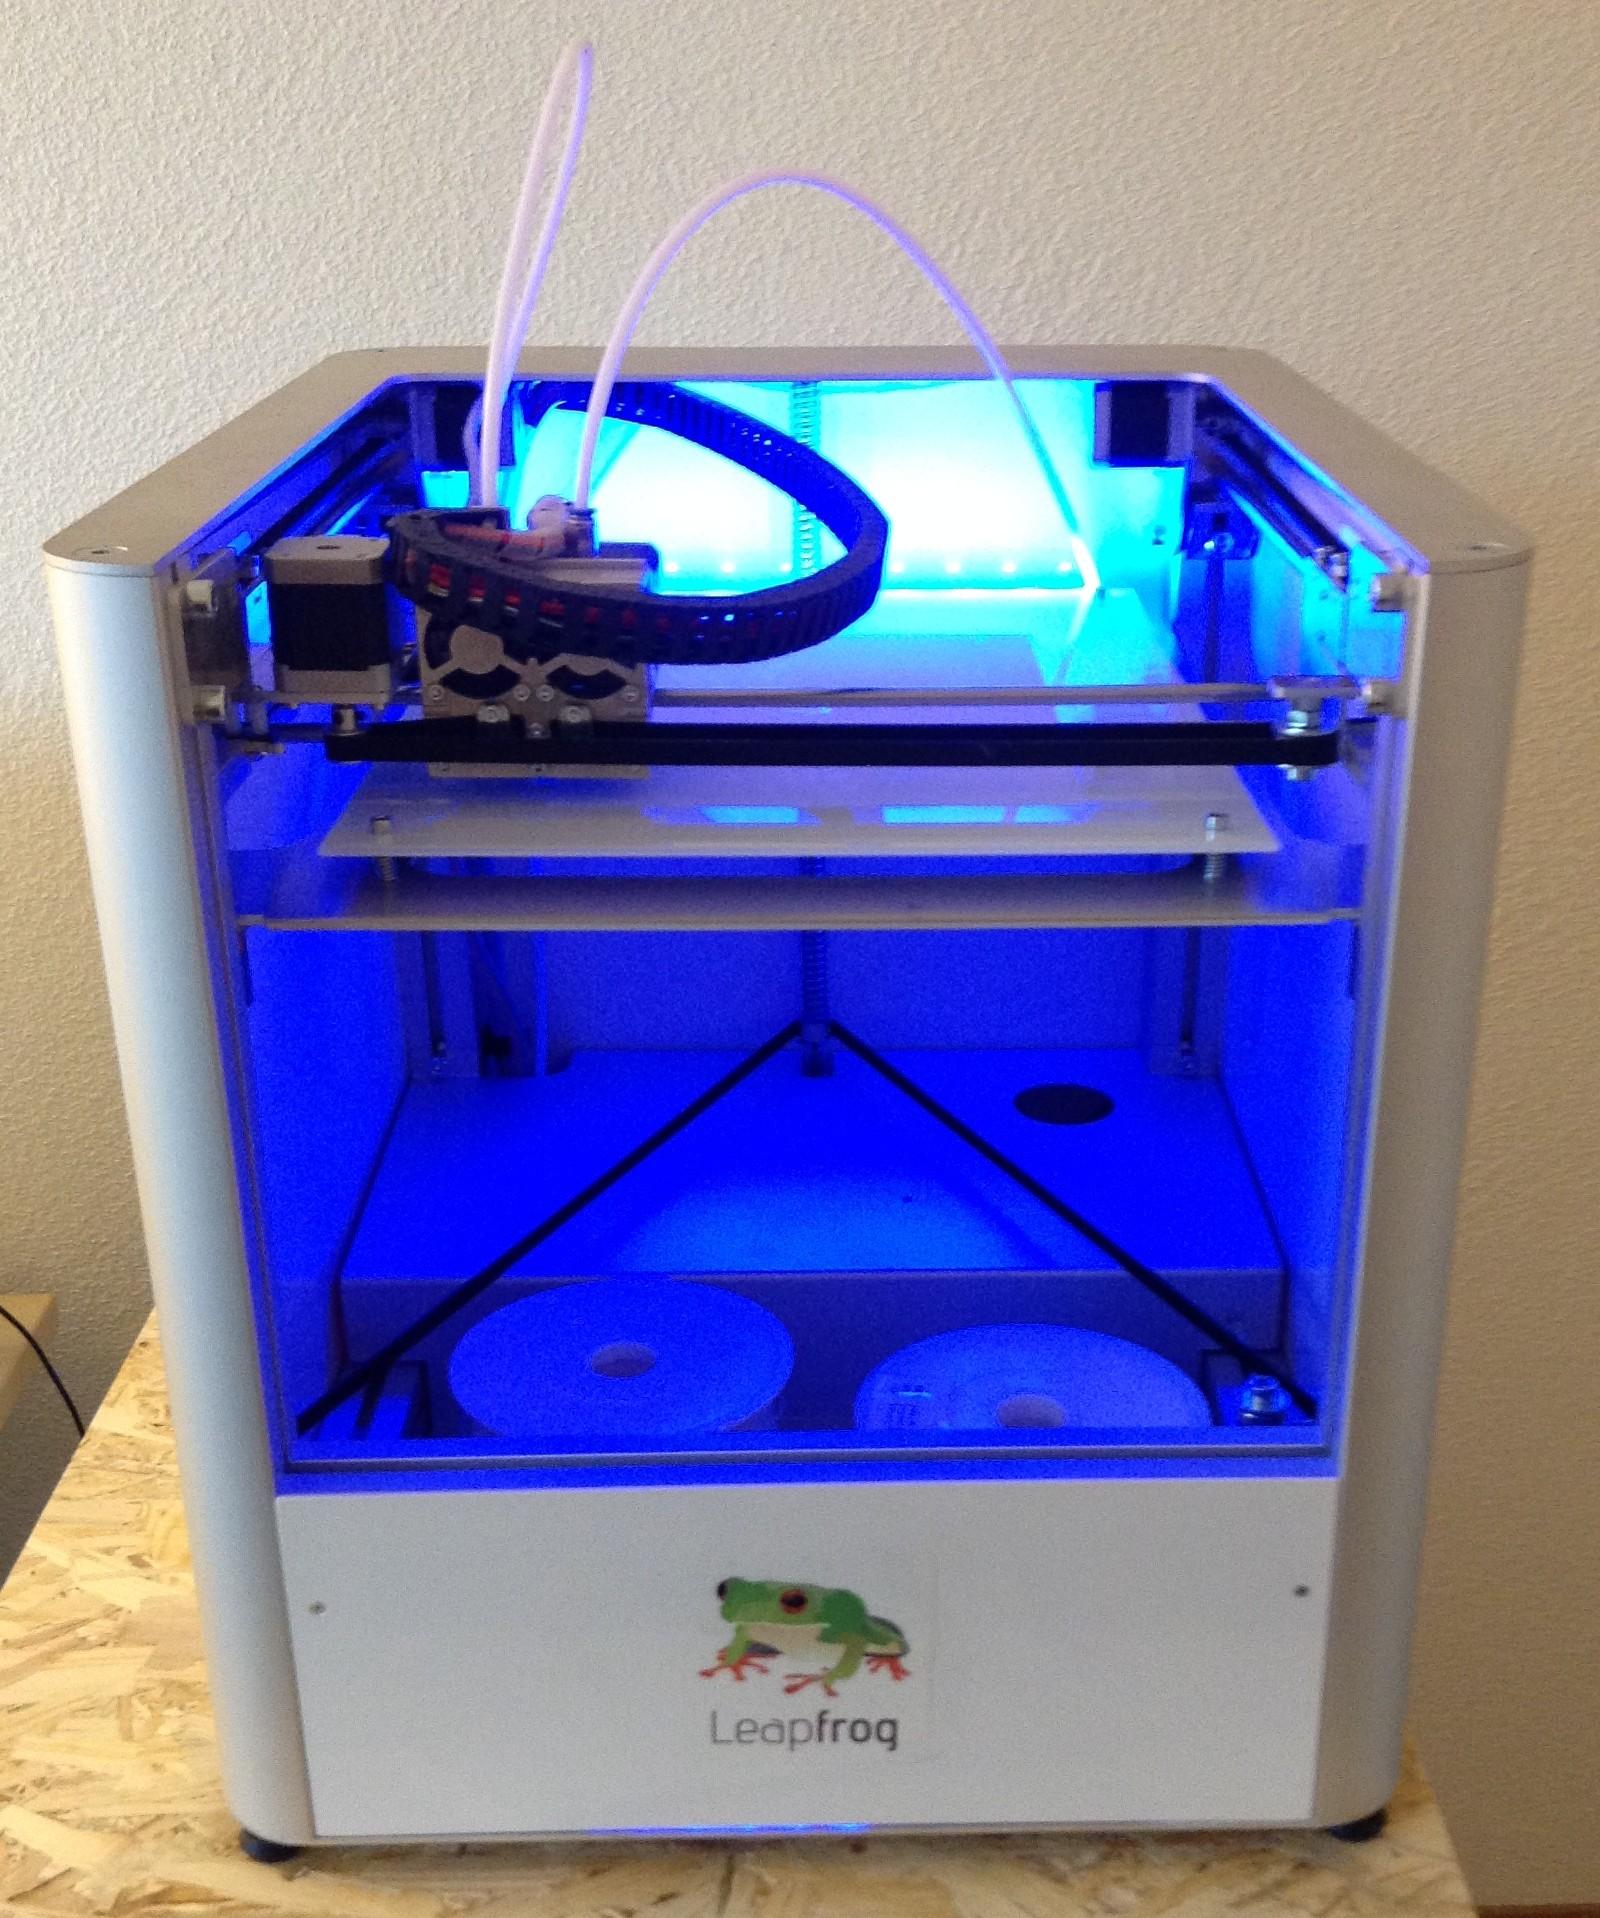 Bericht: Mein erster 3D-Drucker. Ein Creatr von Leapfrog.